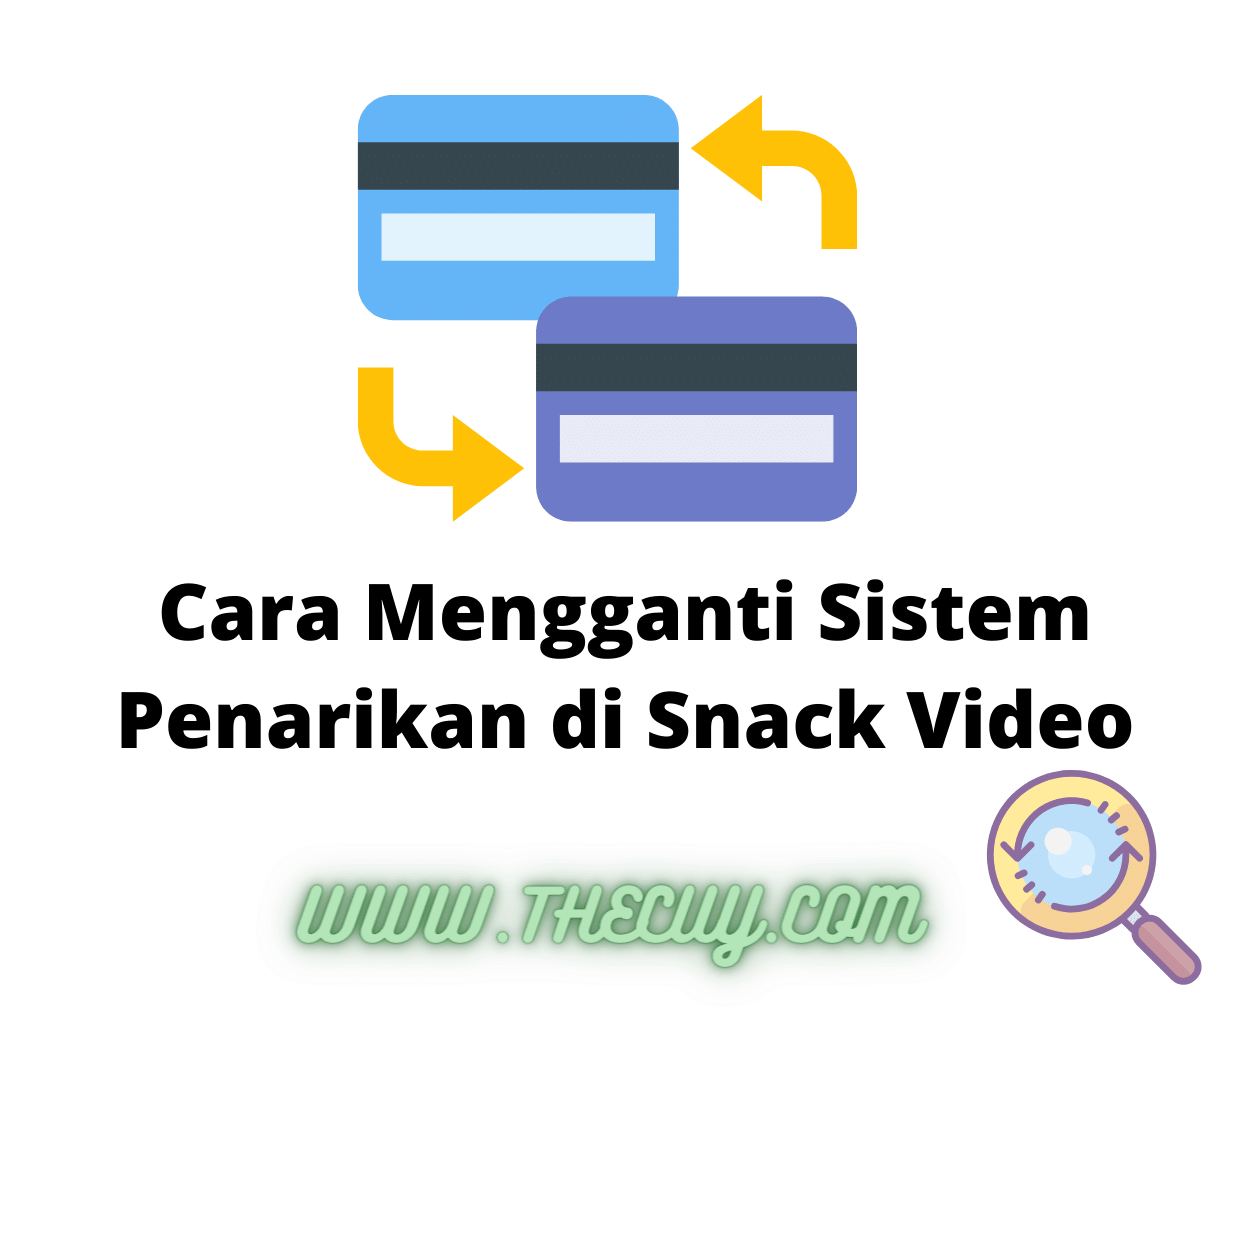 Cara Mengganti Sistem Penarikan di Snack Video